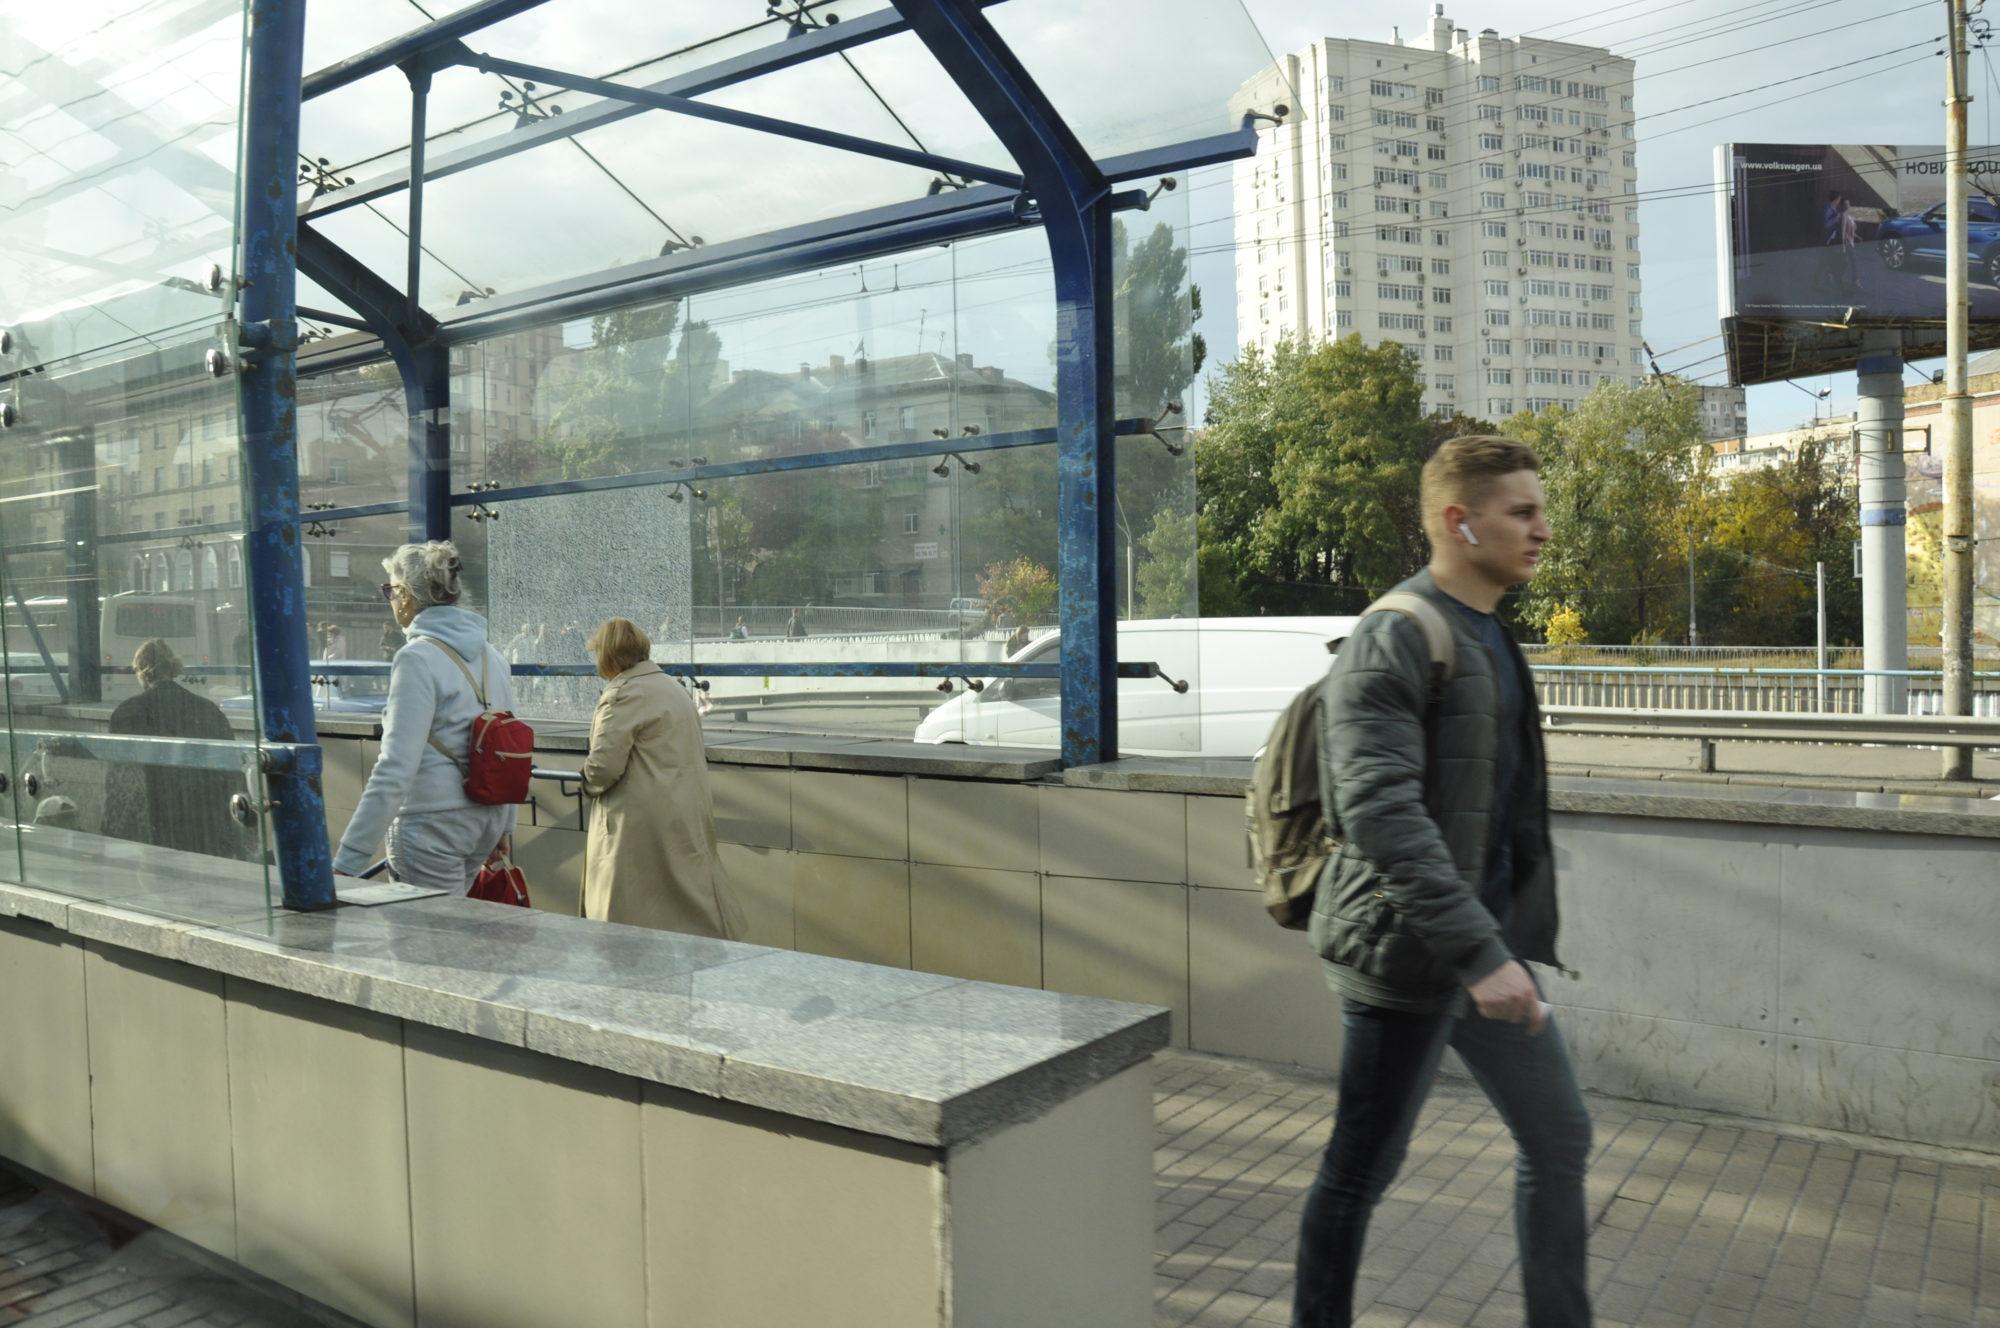 Що не так з відремонтованим трамваєм на Борщагівці - трамвайні колії, трамвай, ремонтні роботи, КП «Київпастранс», Борщагівка - 5d932c4e3a97c 2000x1328